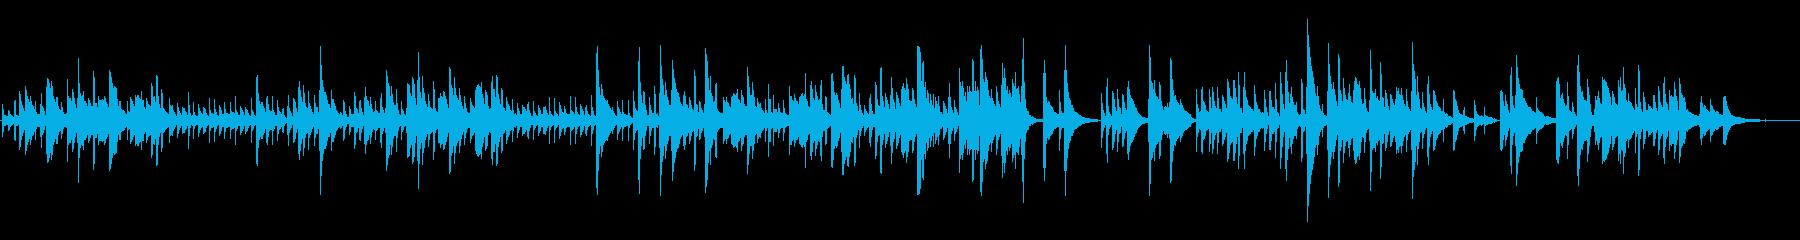 明るく切ないクラシックギターソロの再生済みの波形